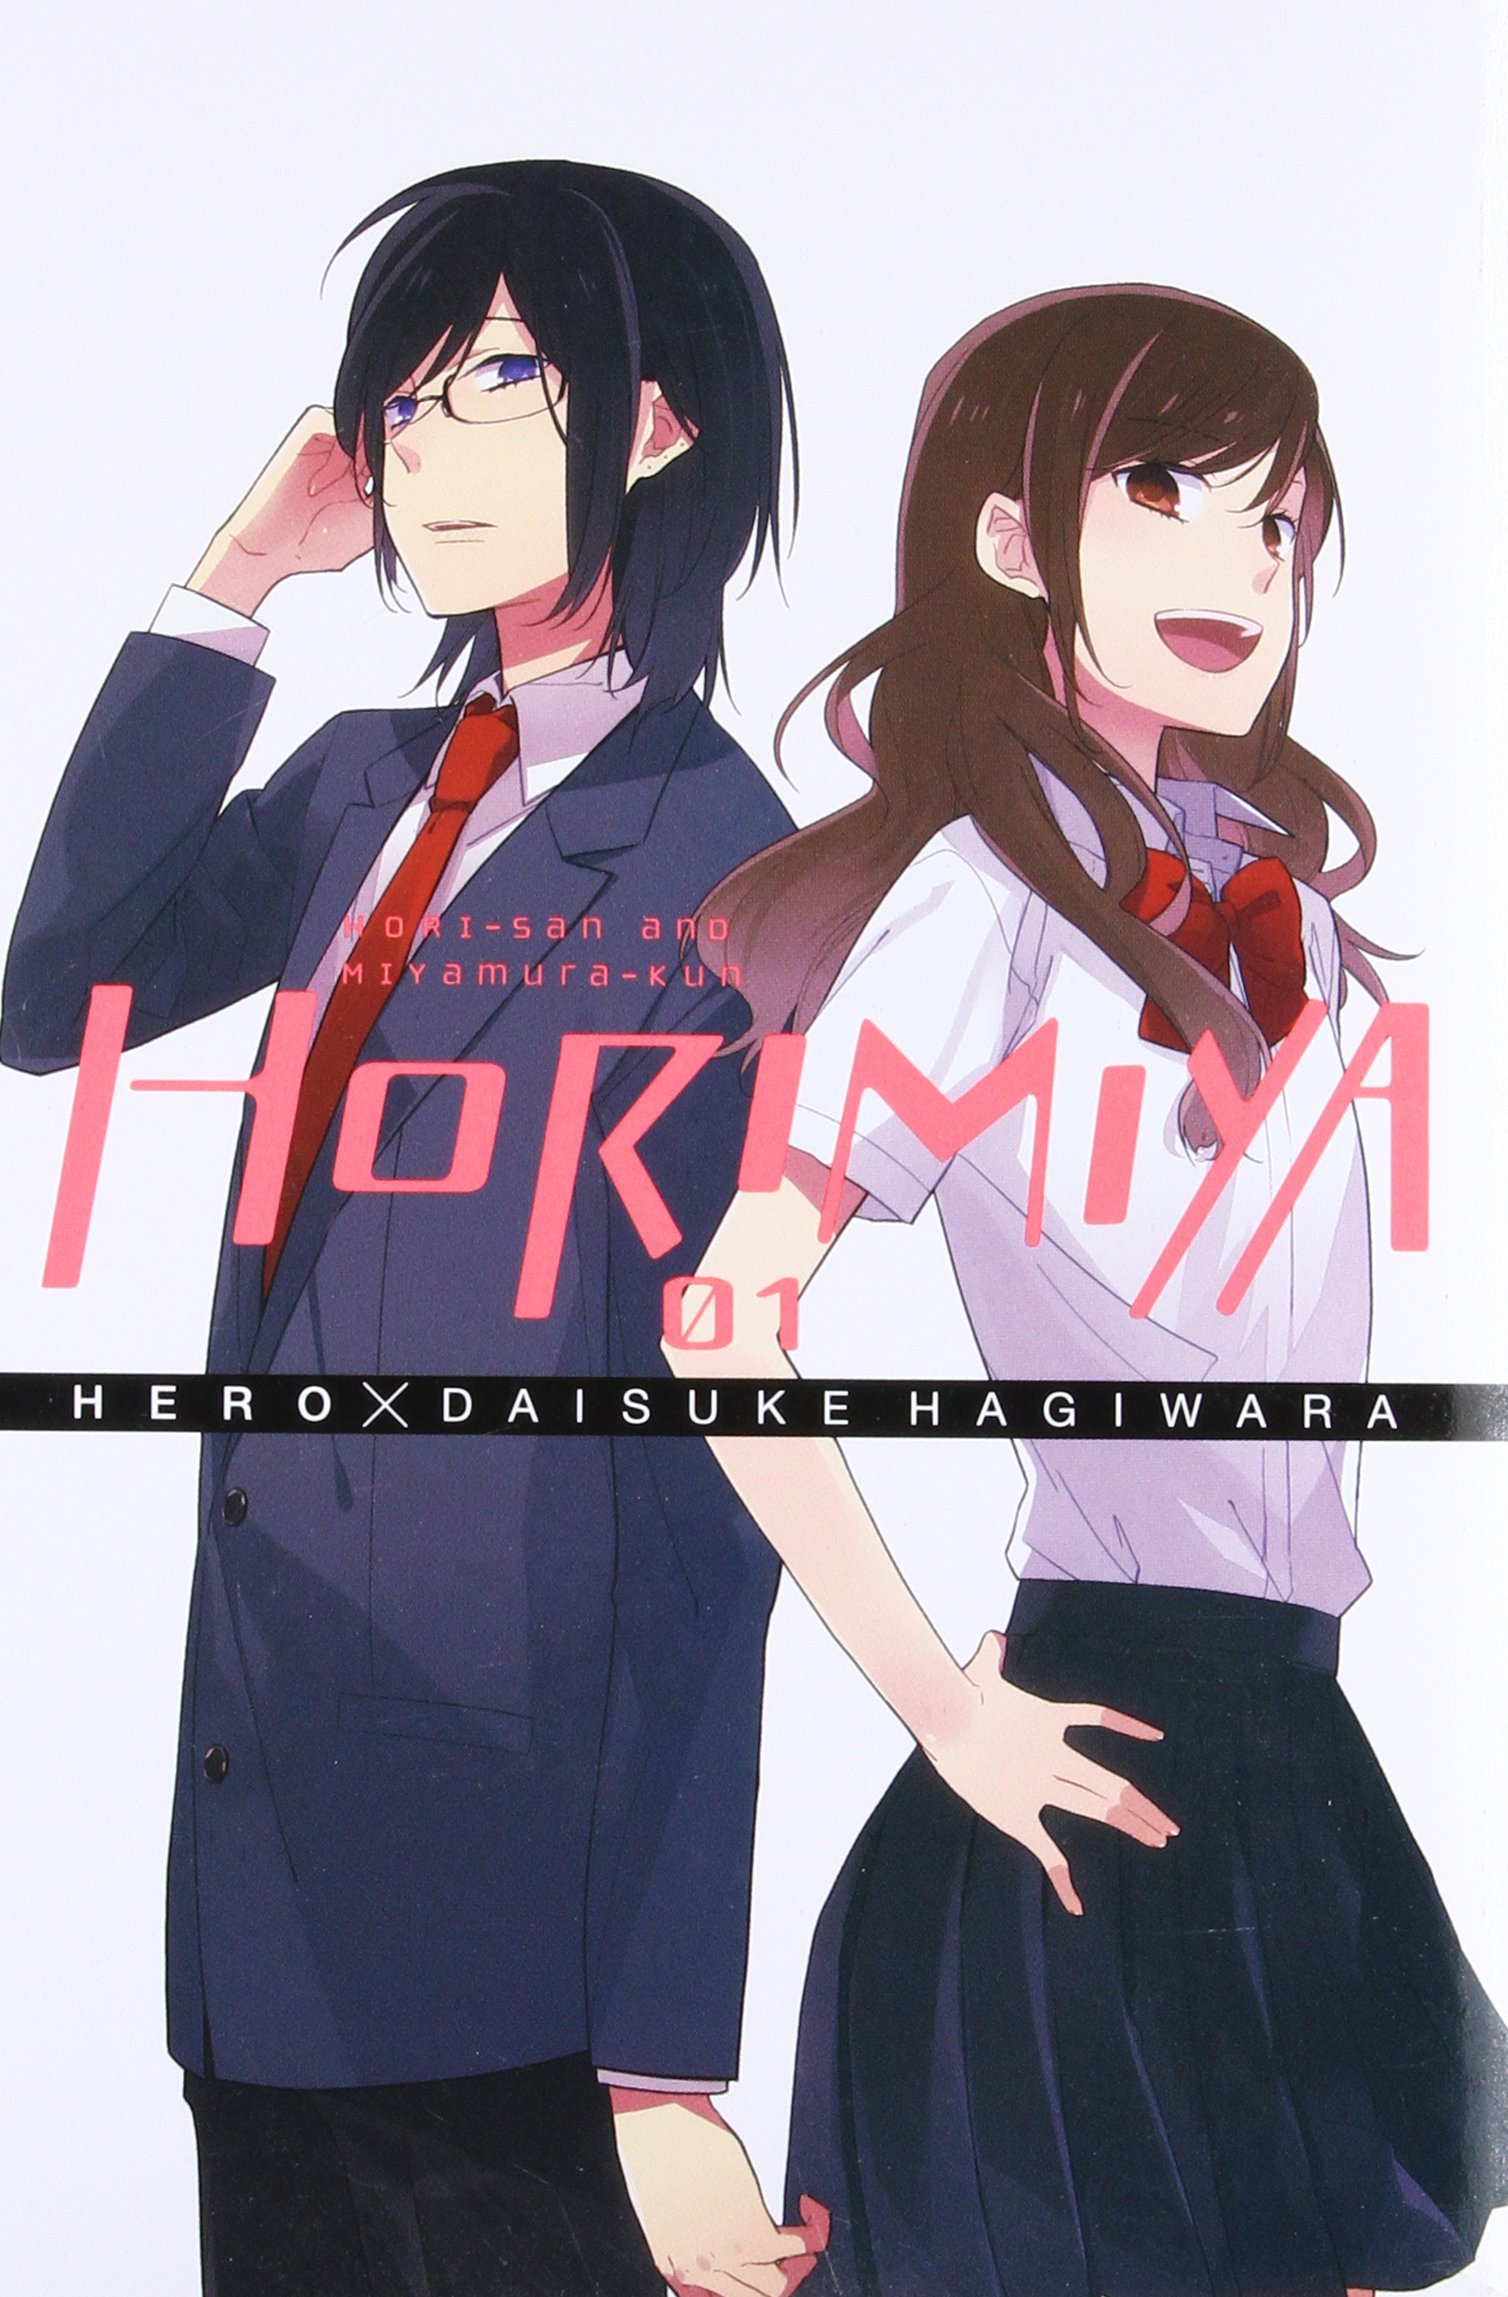 horimiya  : Horimiya, Vol. 1 (0787721936411): HERO, Daisuke Hagiwara ...